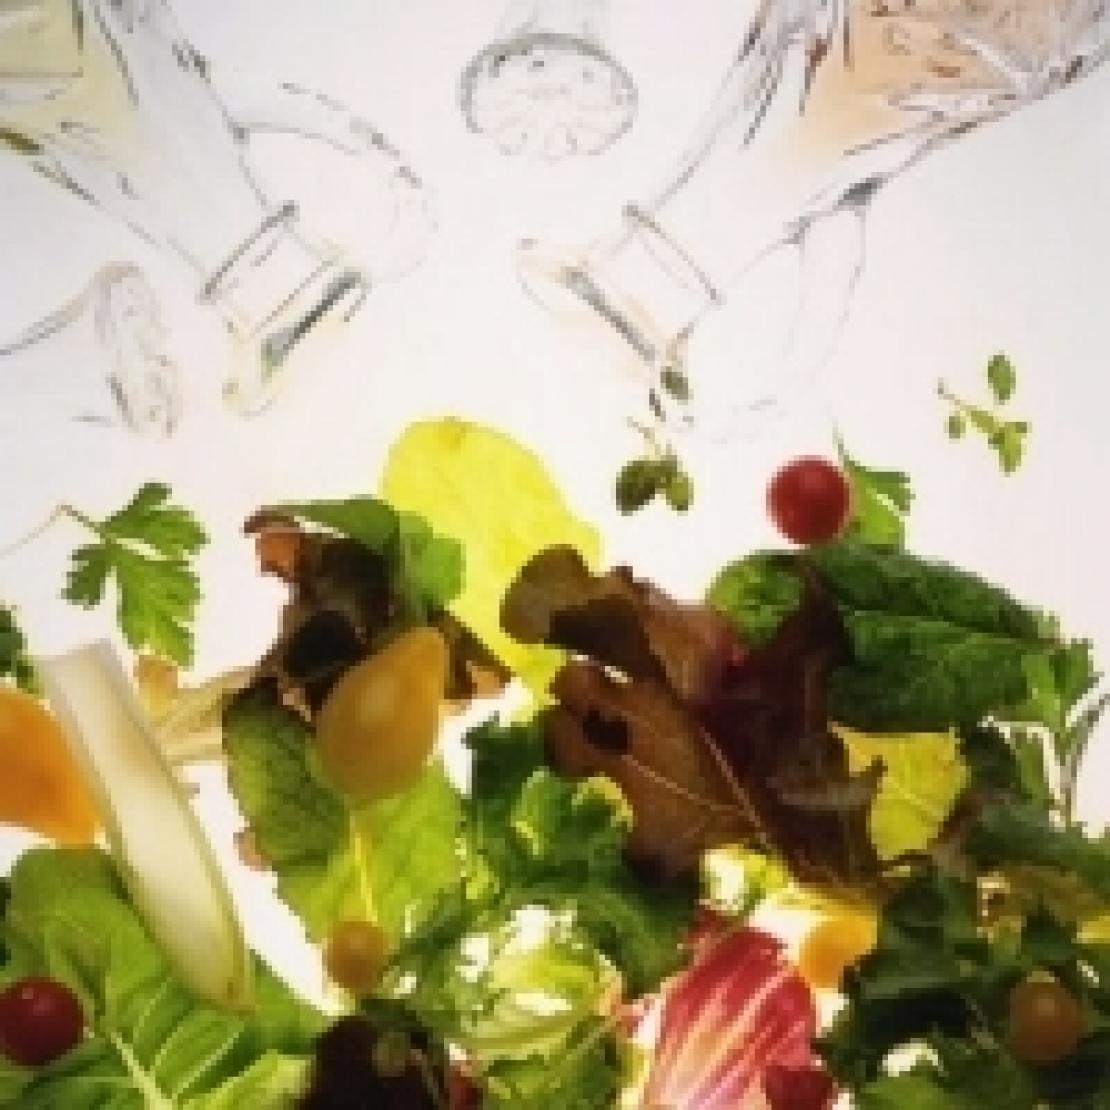 L'olio extra vergine di oliva e l'insalata: un matrimonio d'amore